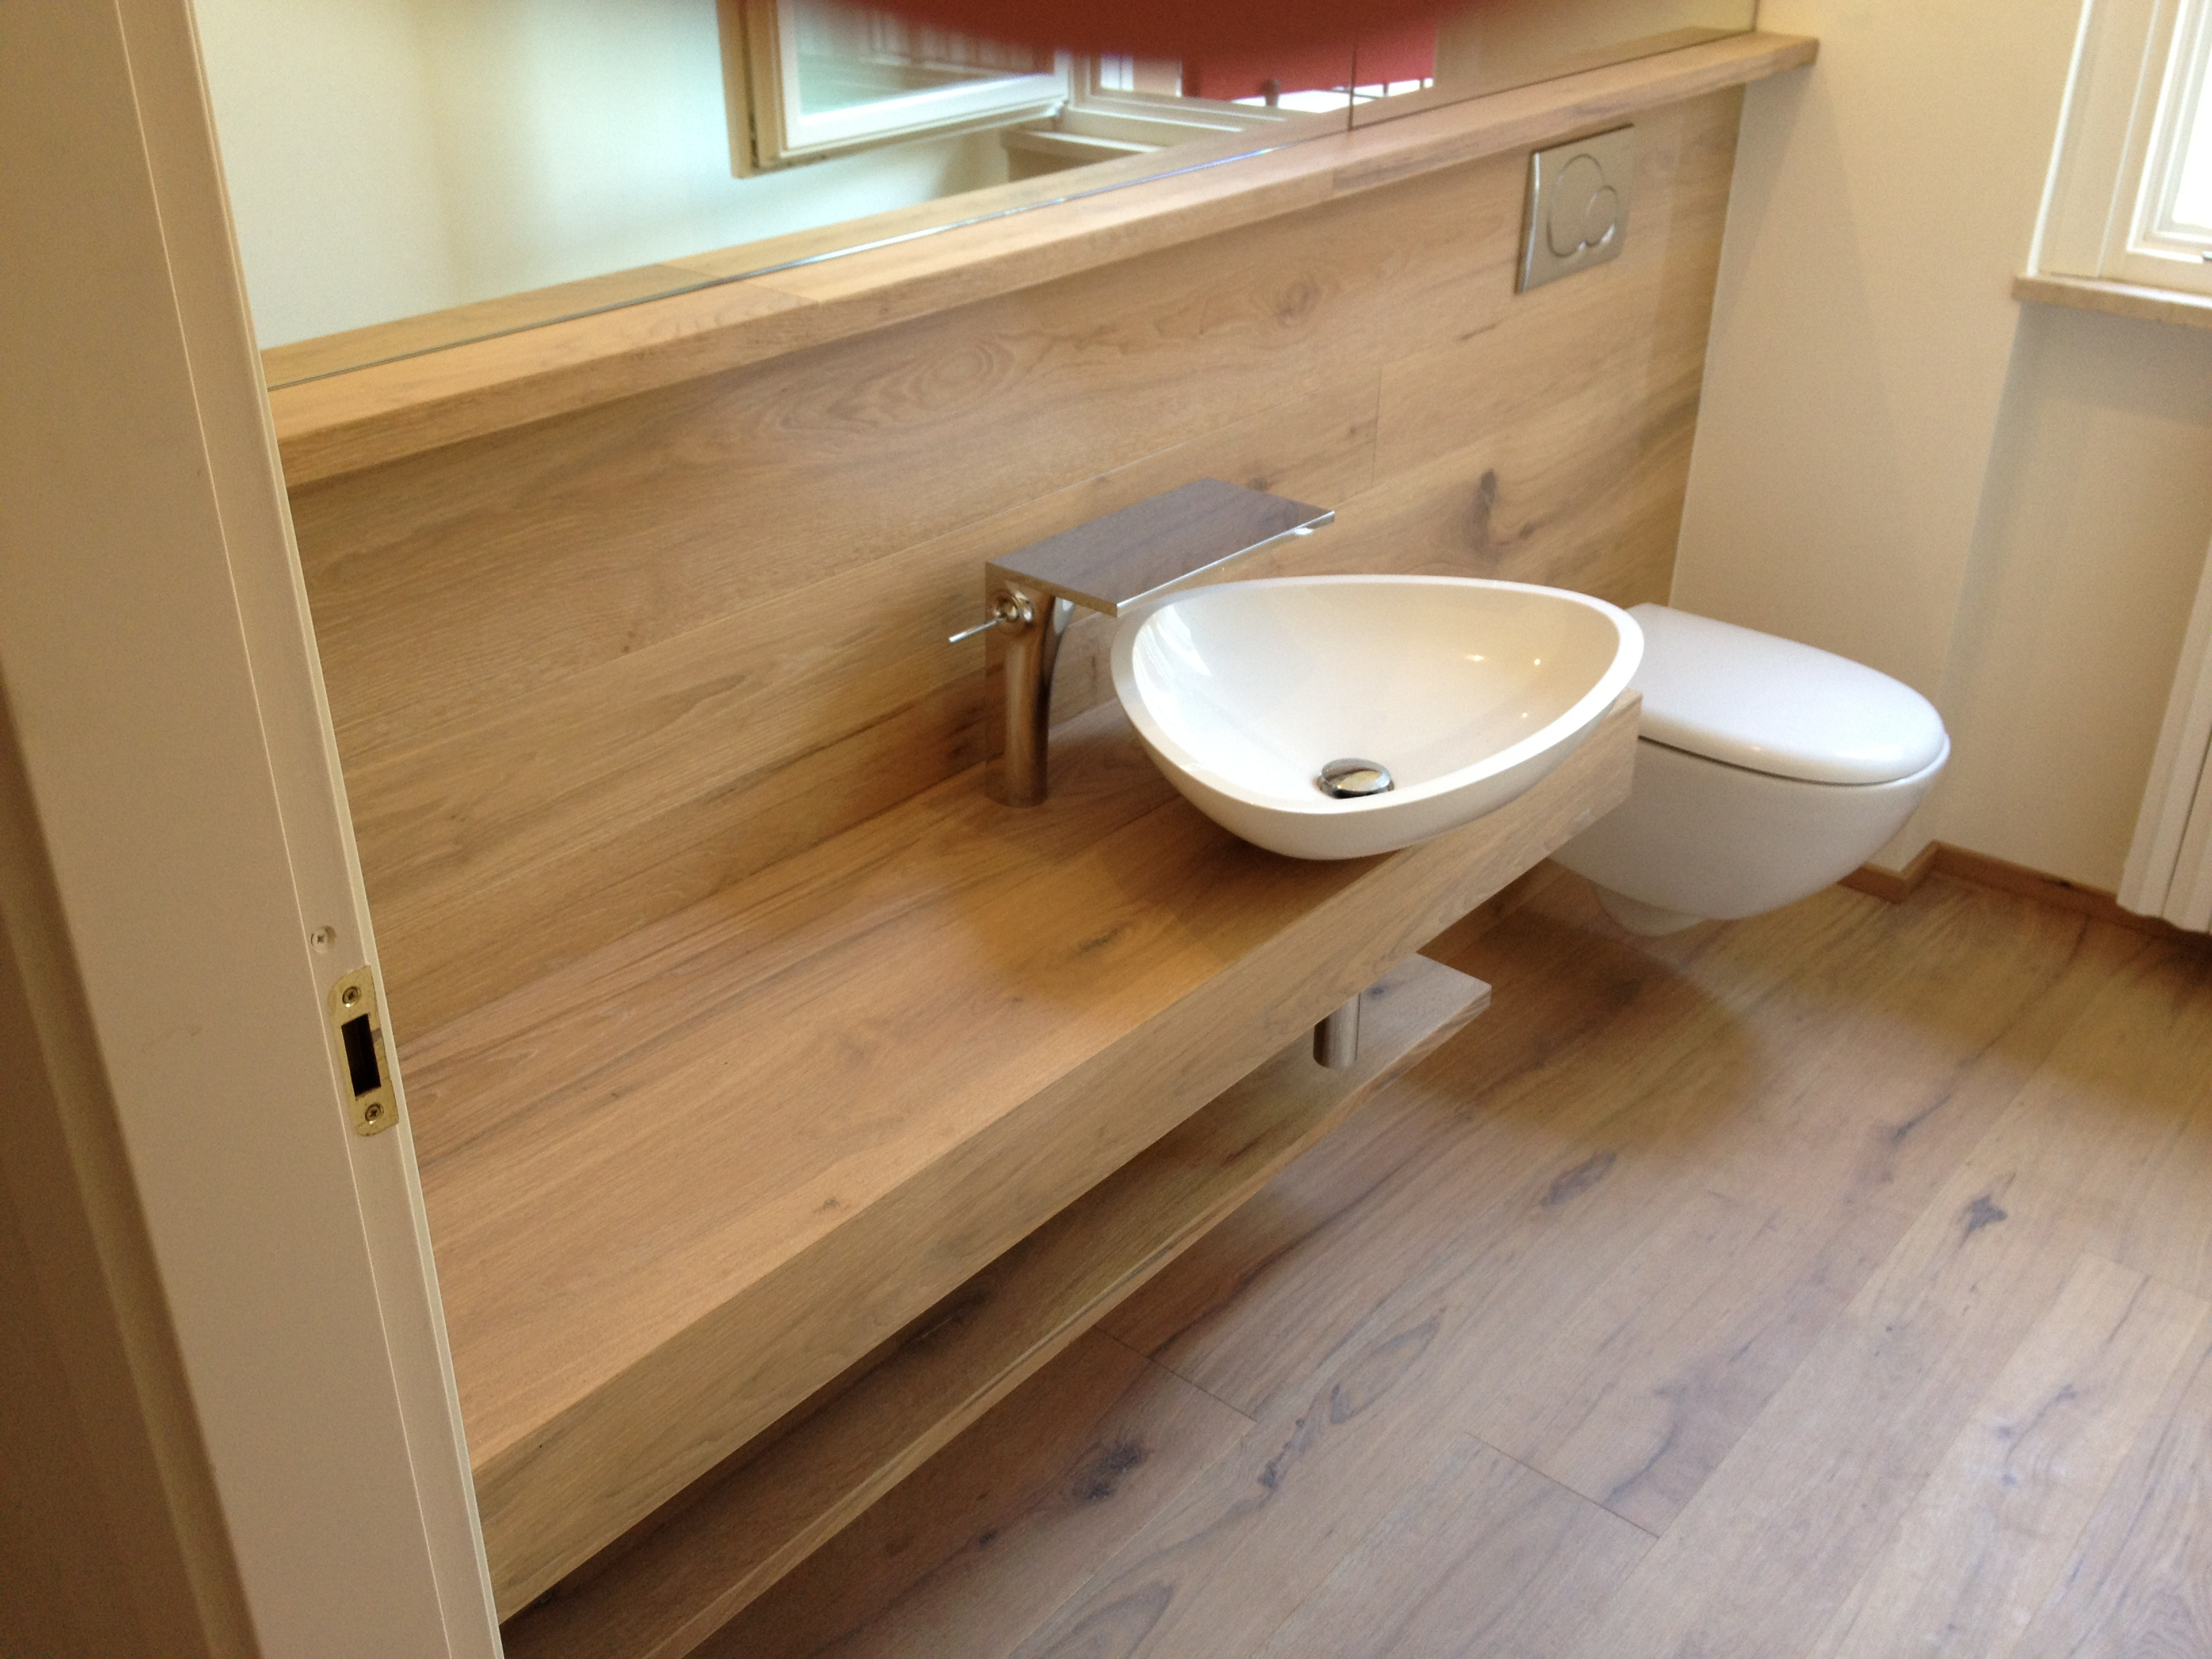 Mobili bagni falegnameria pezzotti - Spiata nel bagno ...